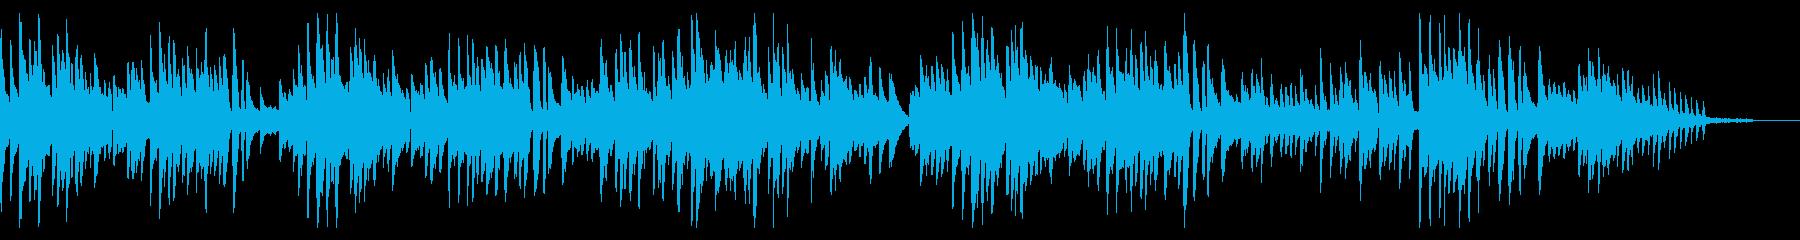 卒業式っぽいピアノソロ曲の再生済みの波形